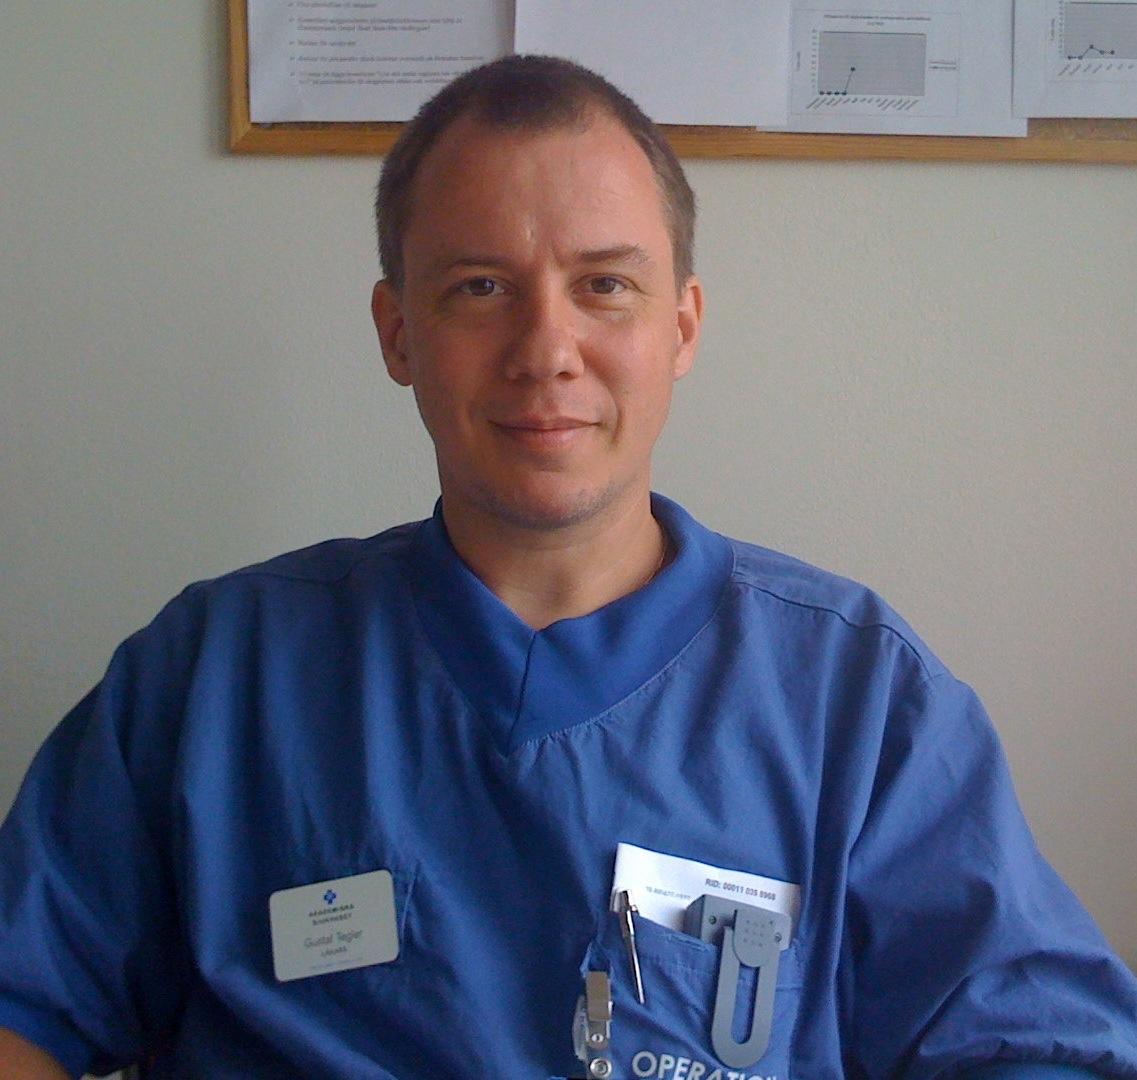 Gustaf Tegler